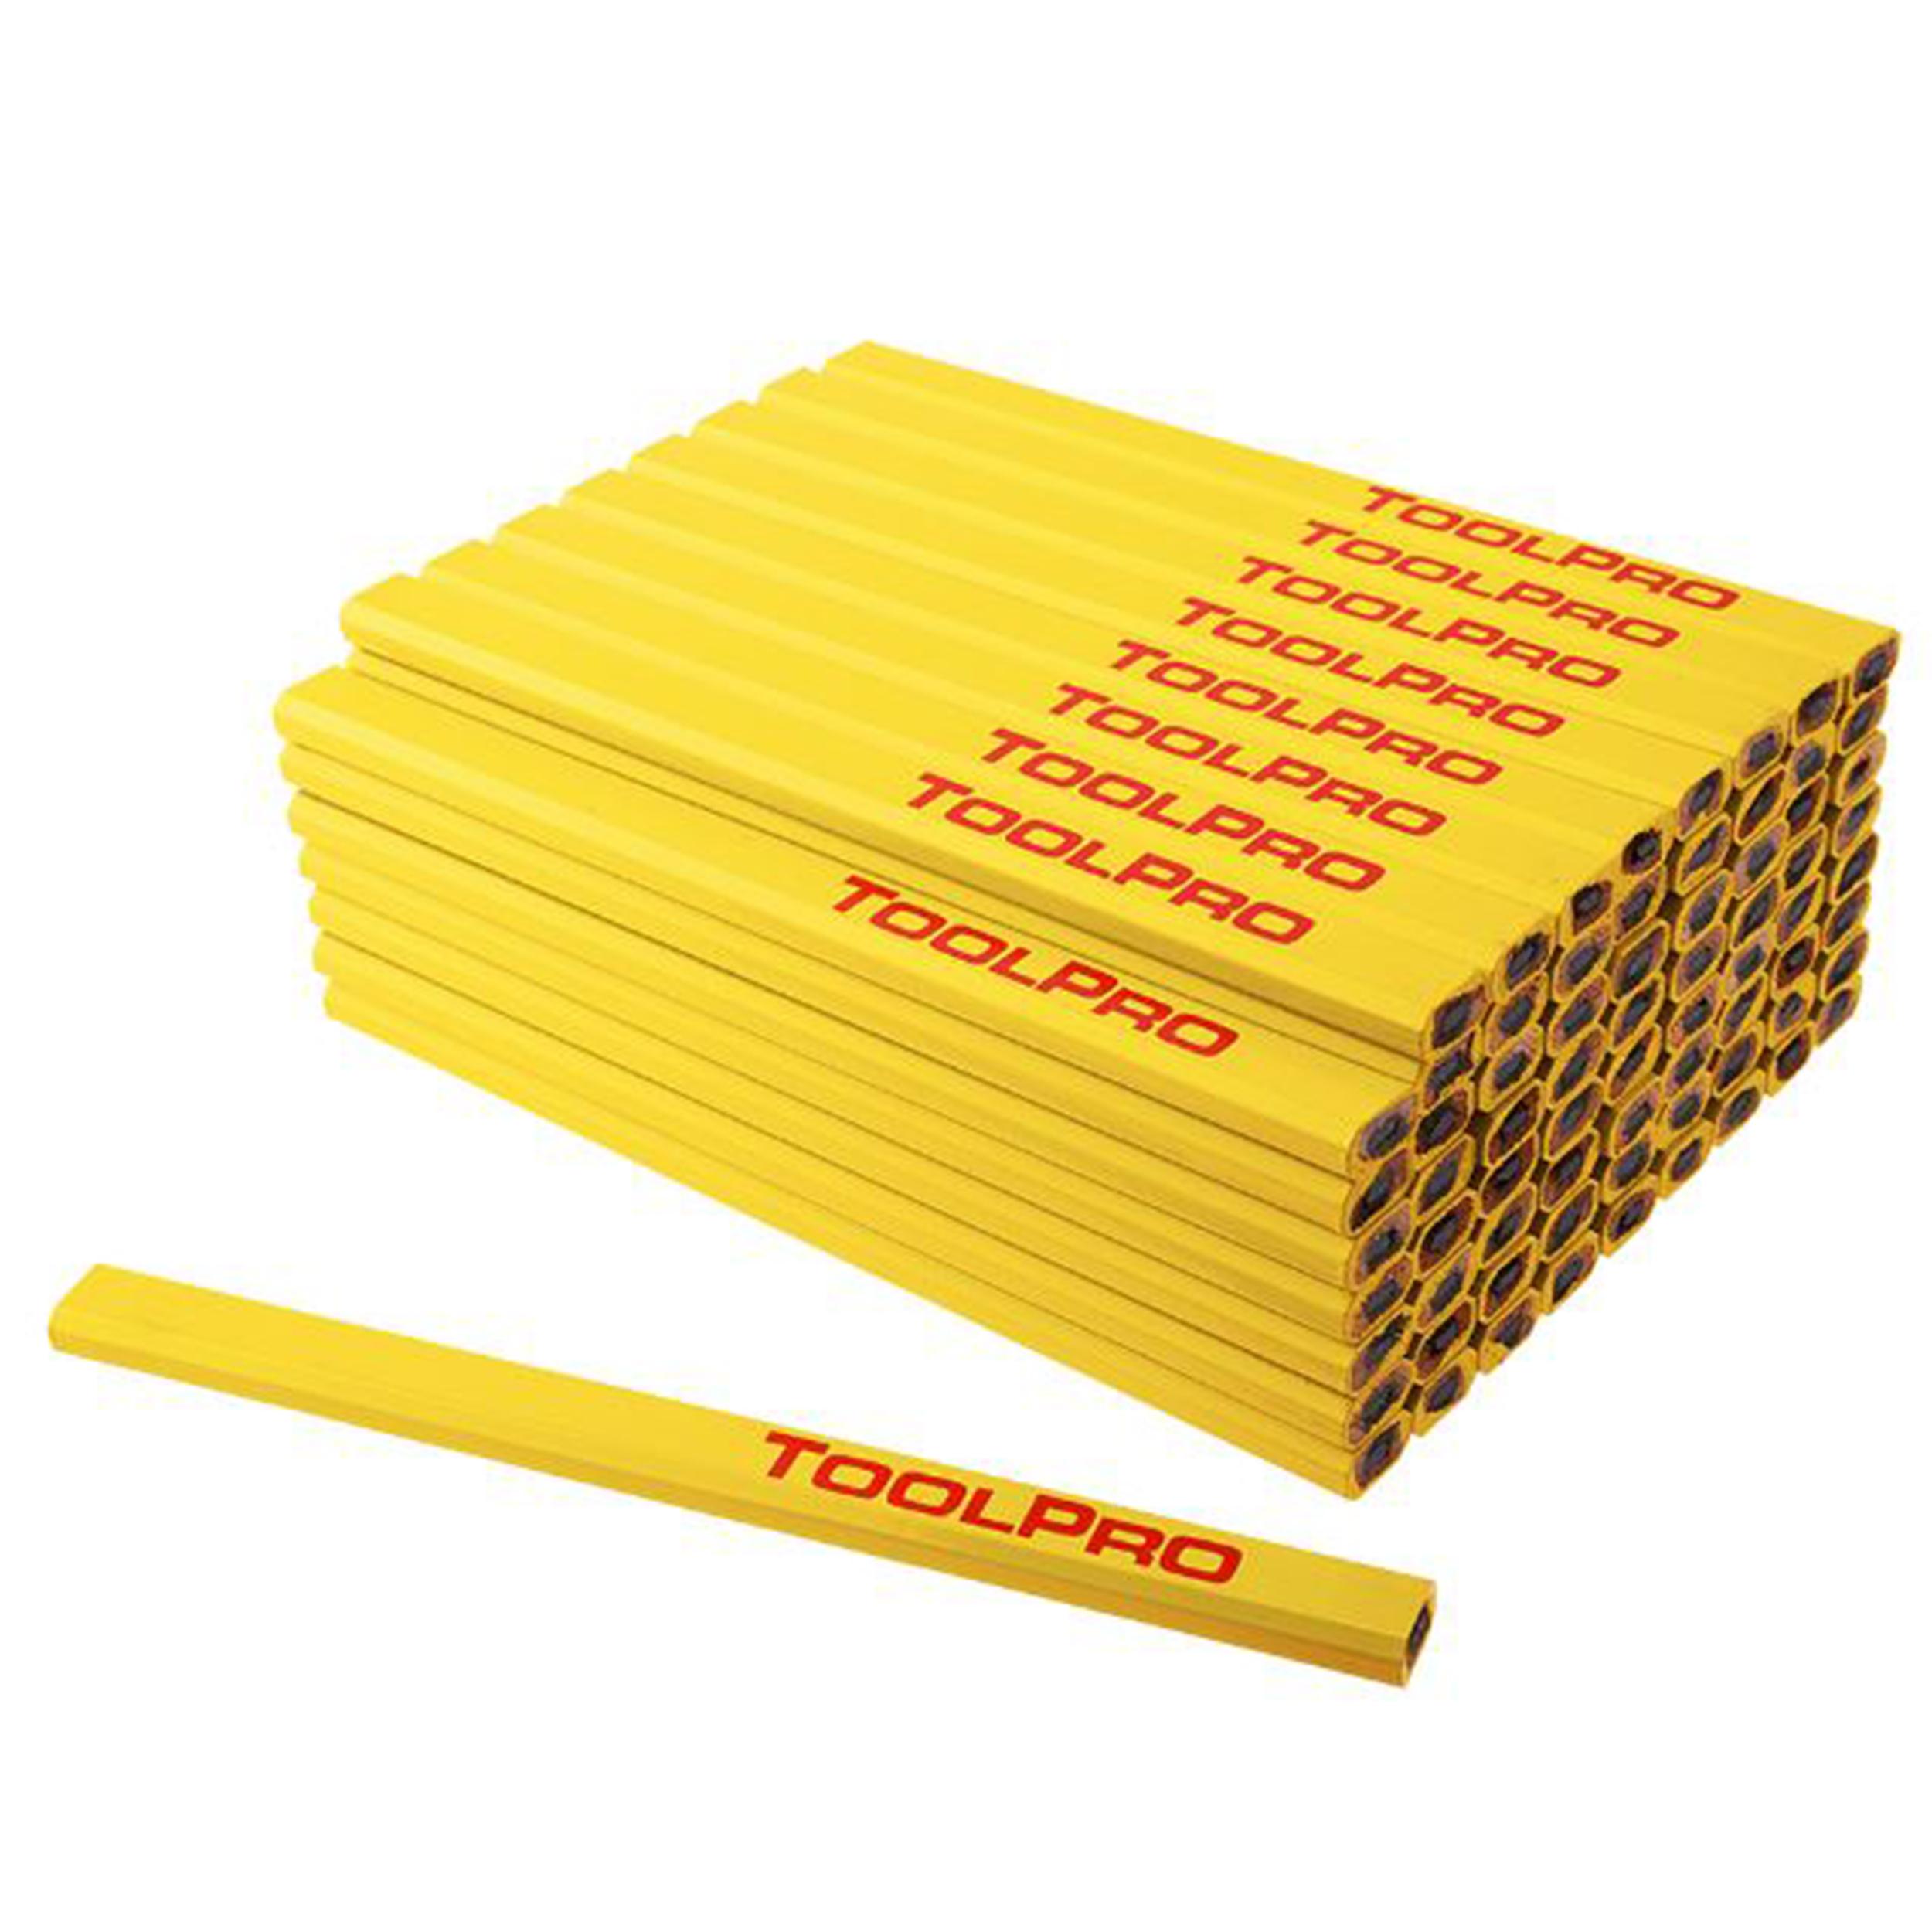 Carpenters' Pencils, Flat, Medium Lead, Pack of 72